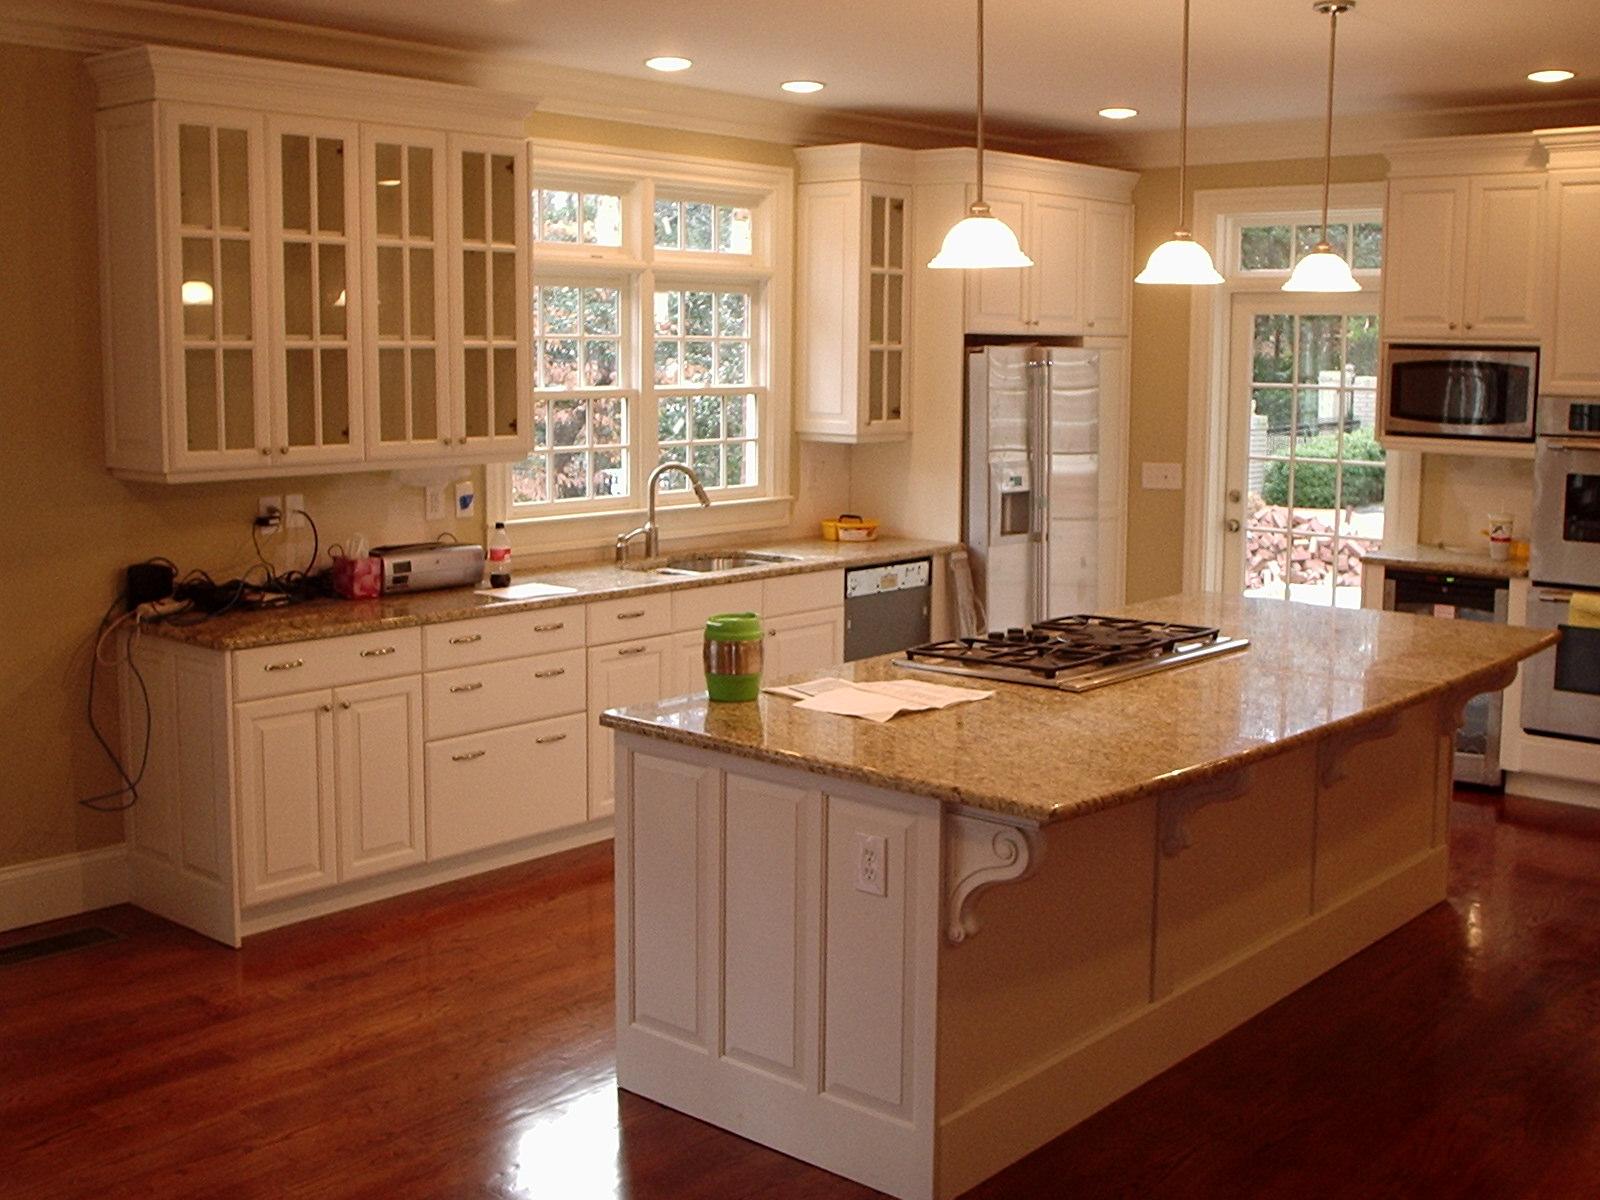 Kitchen appliance storage photo - 3